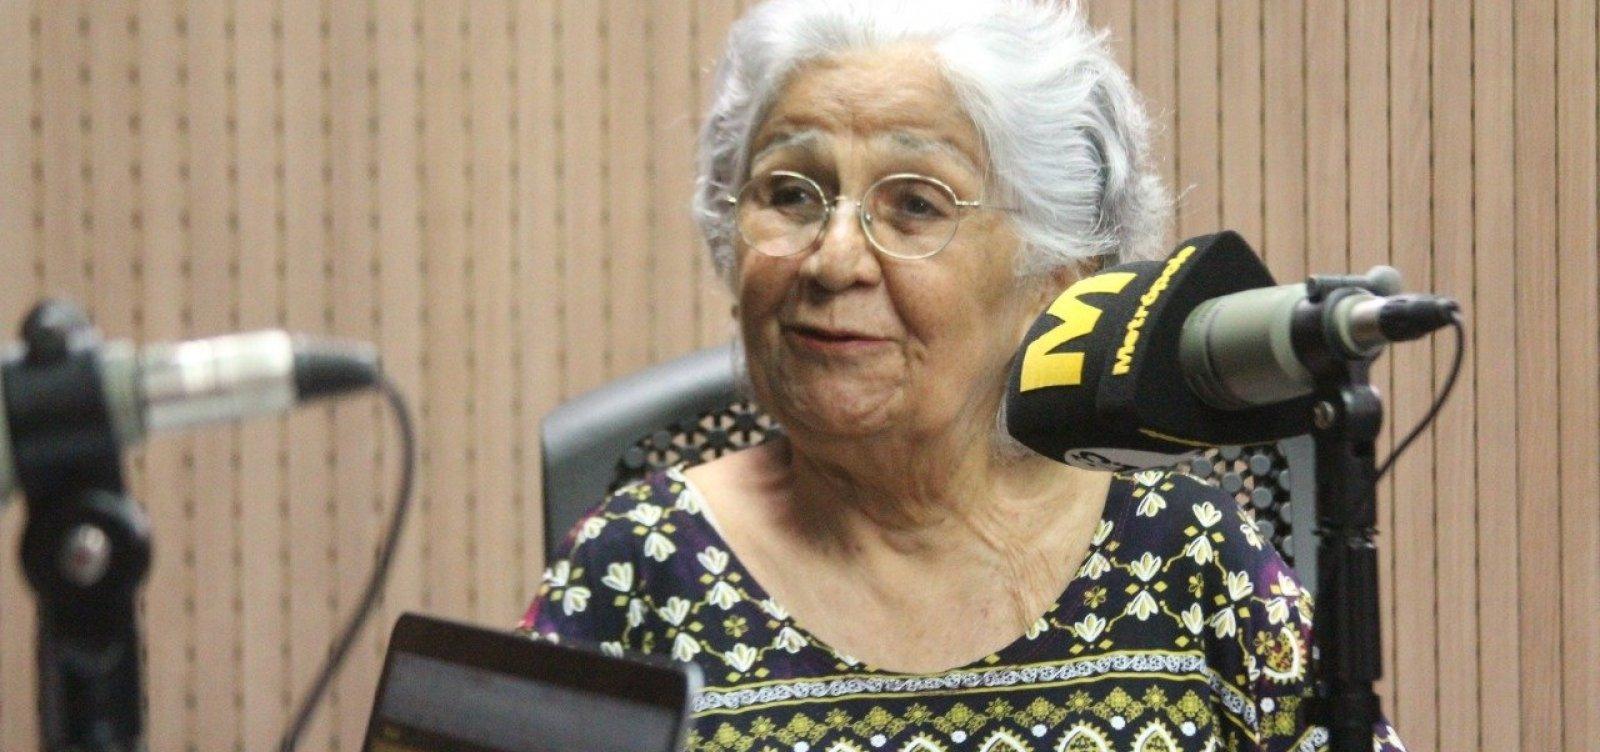 Mabel Veloso conta que foi discriminada por ter pele mais escura: 'Ninguém me dava muita atenção'